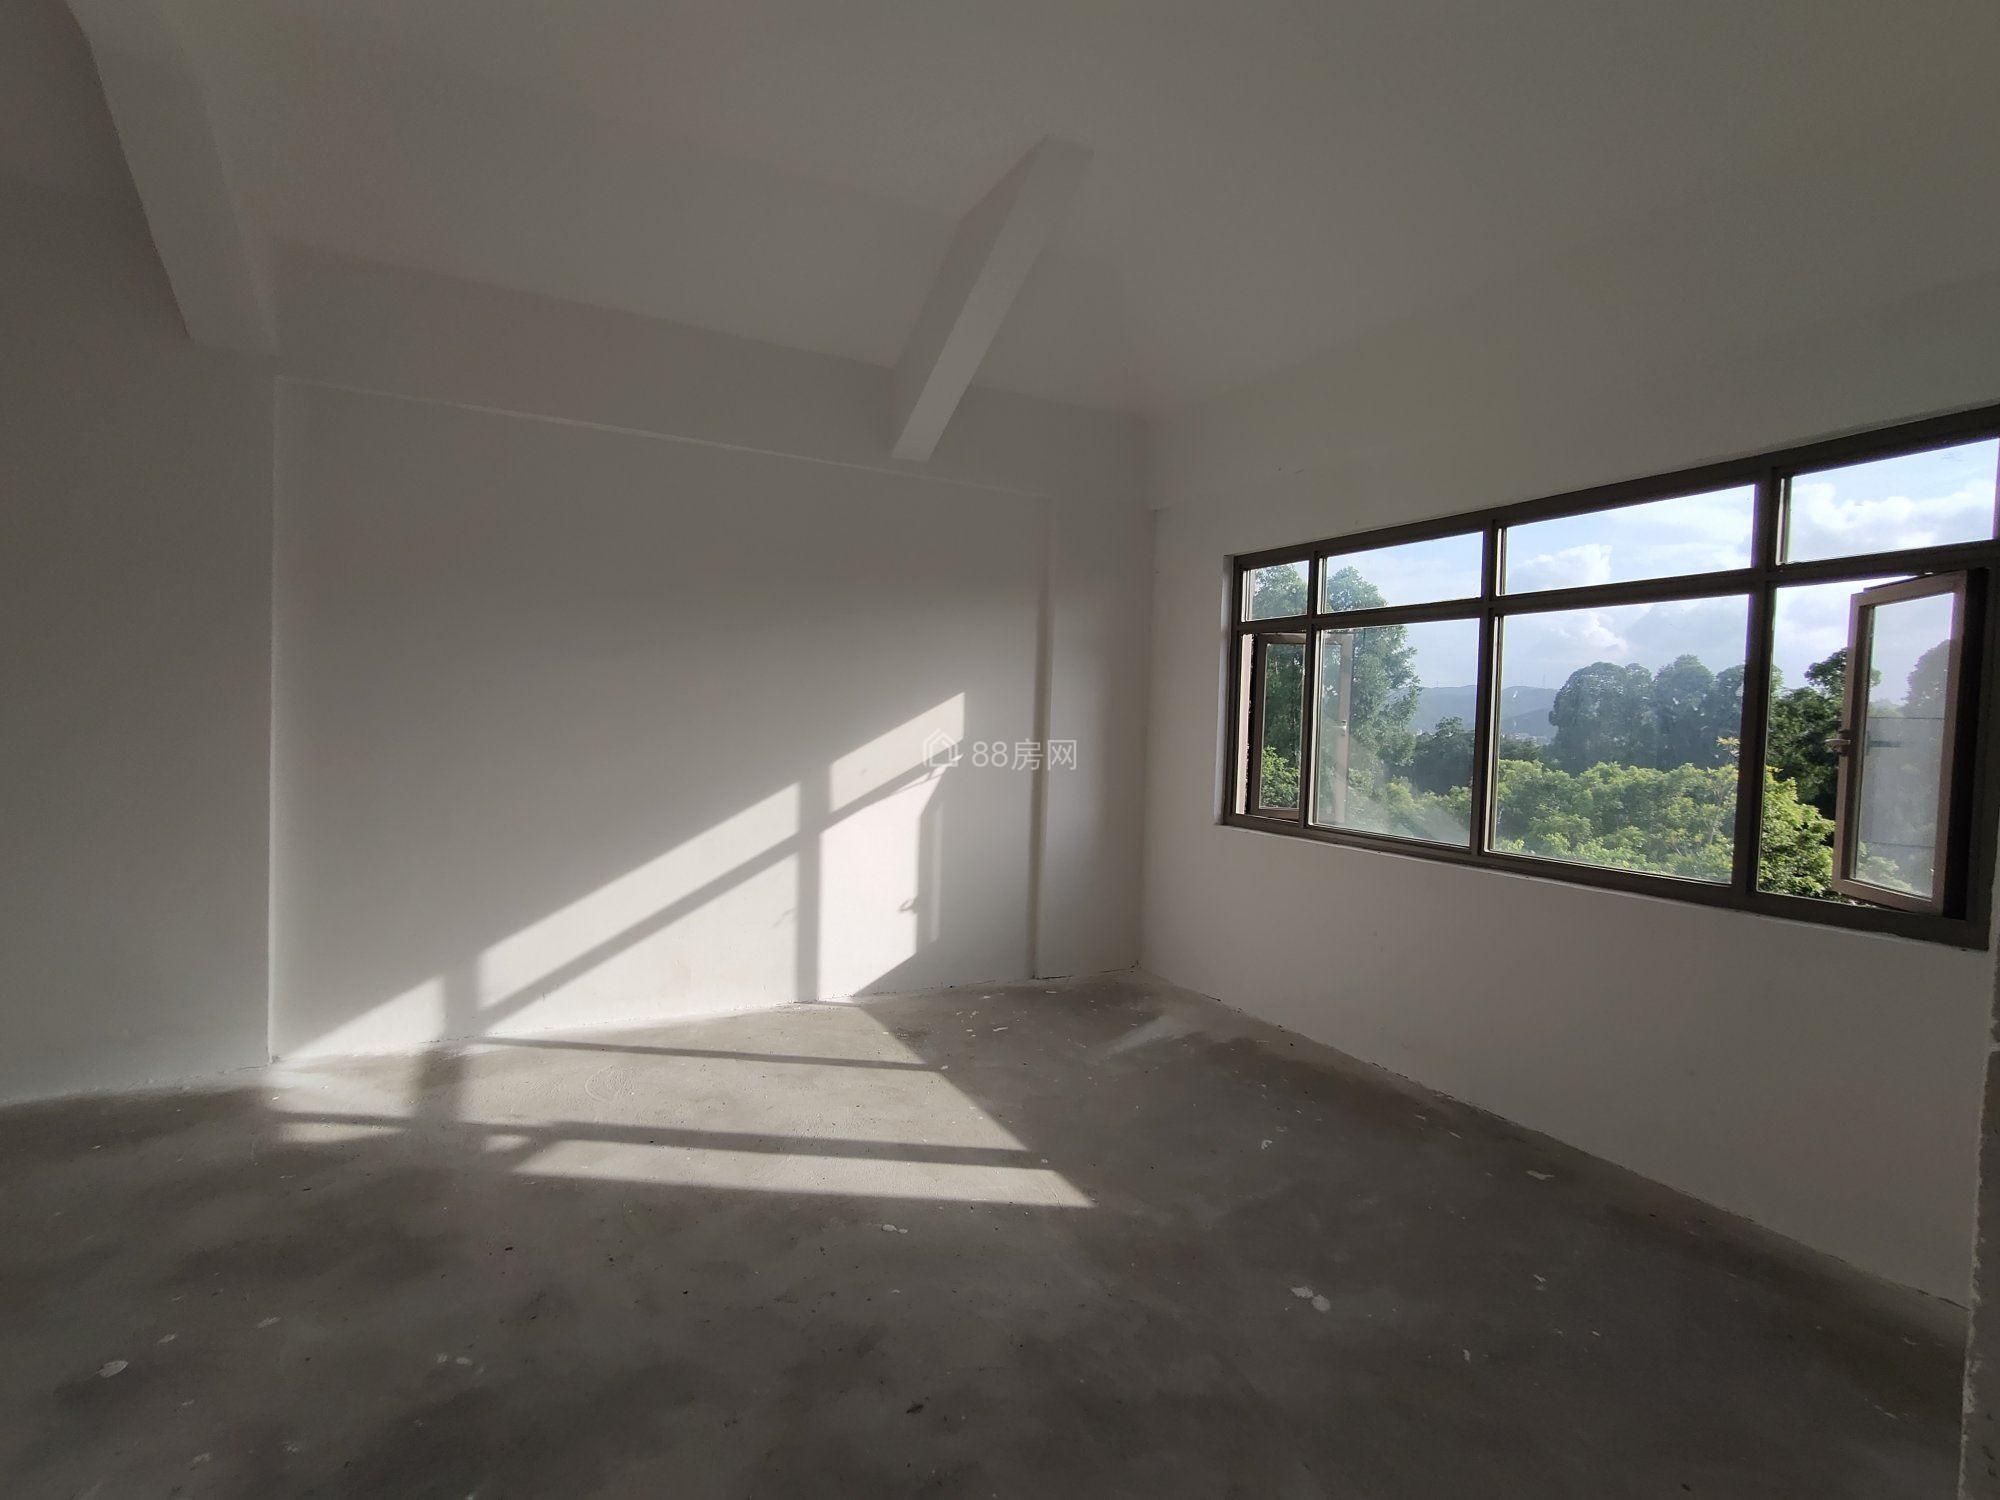 海逸豪庭 御峰523平高尔夫球场边独栋别墅 送245平地下室